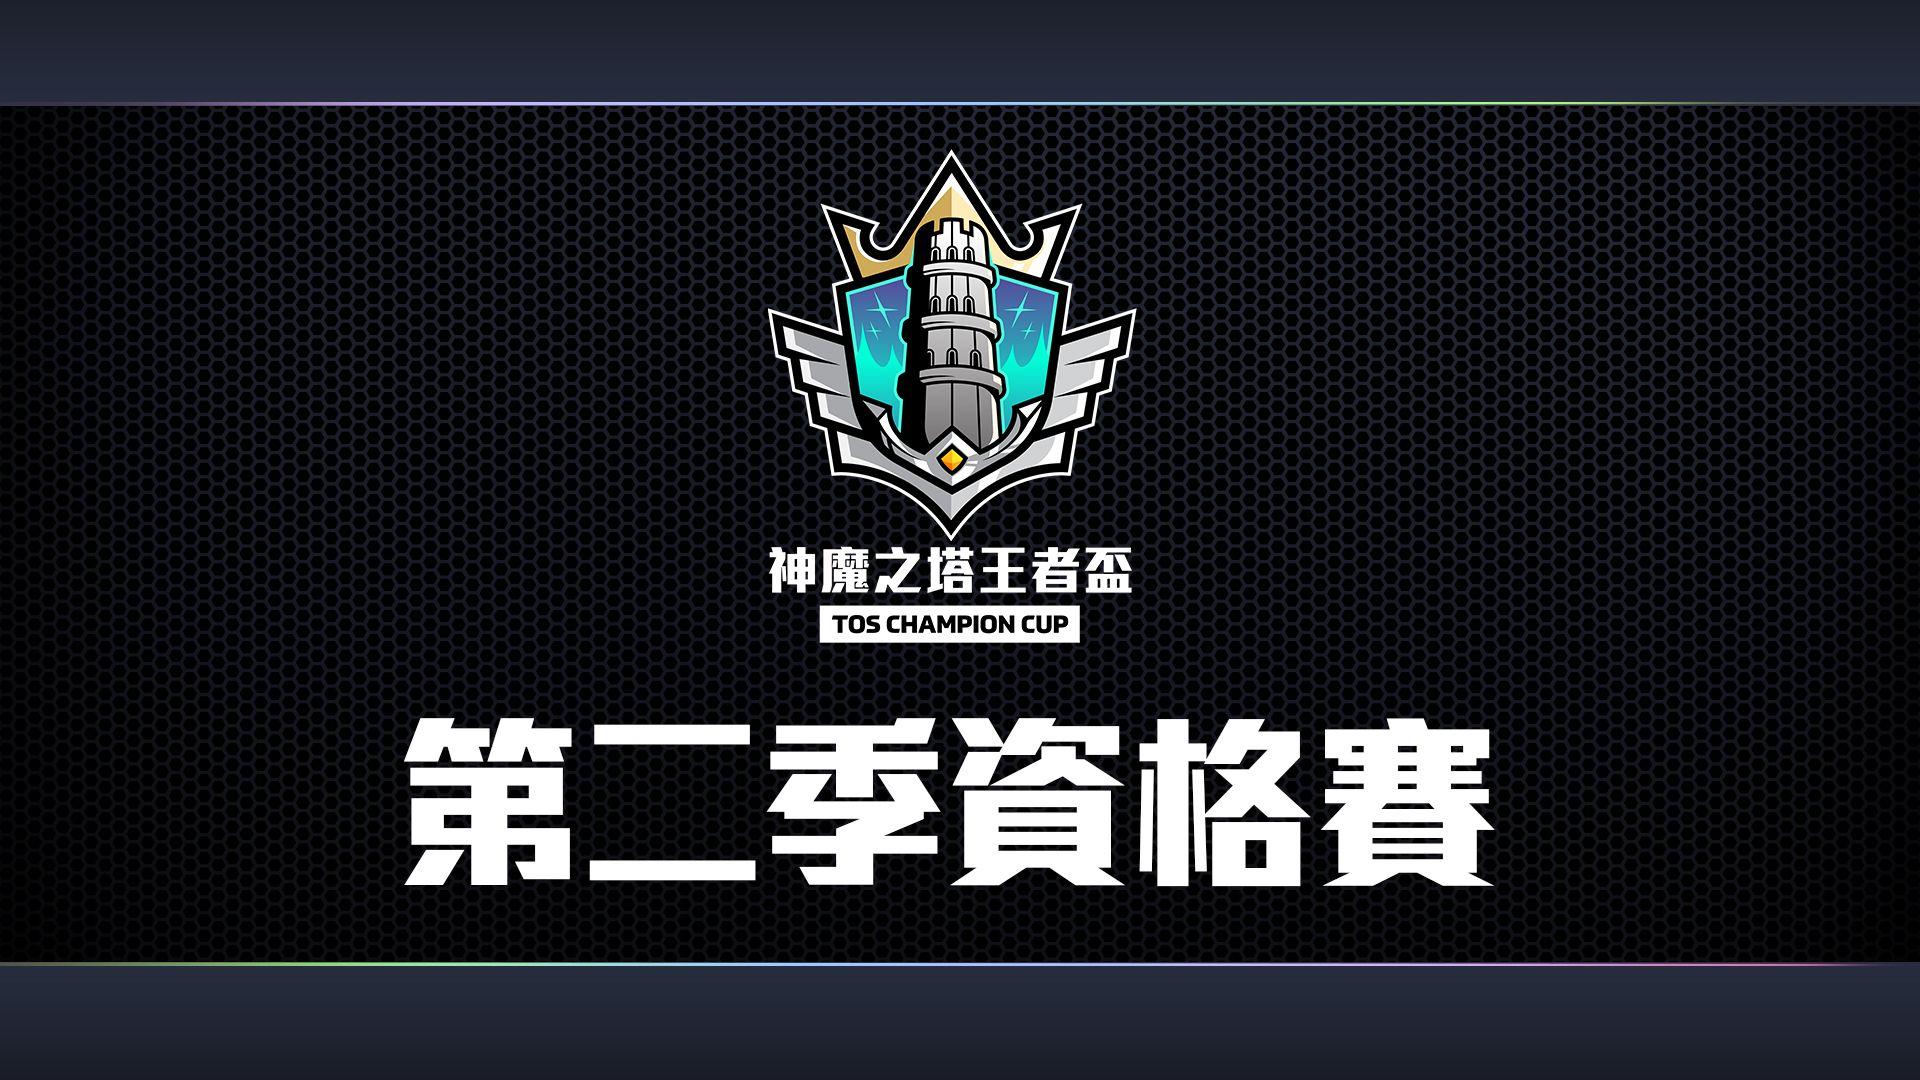 [情報] 神魔之塔王者盃 S2 賽制